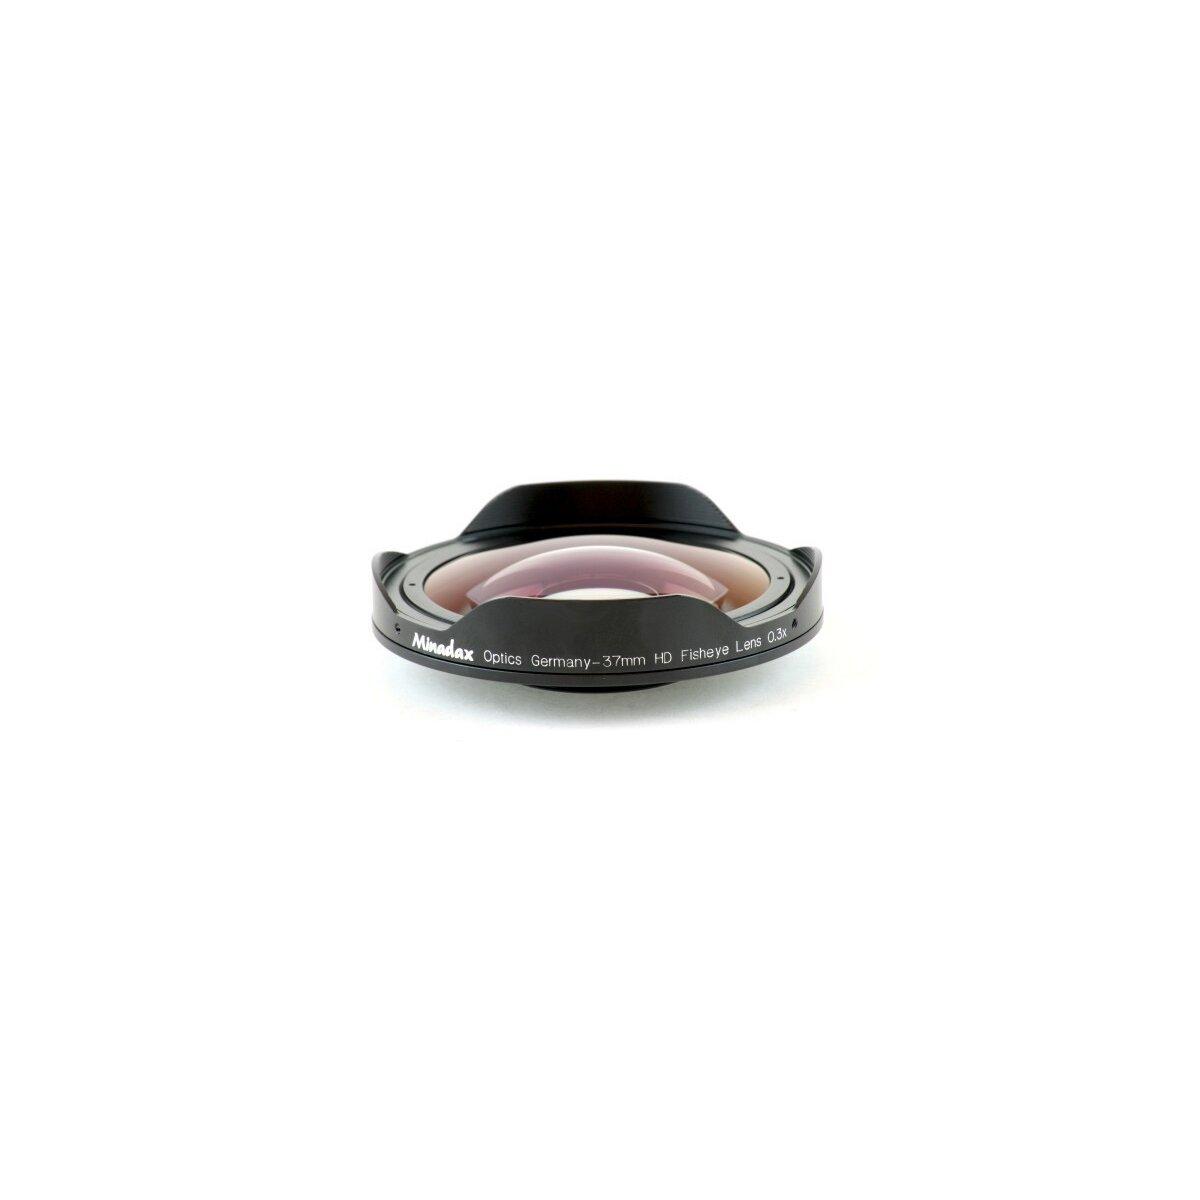 0.3x Minadax Ultra Fisheye Konverter kompatibel für Sony DCR-/ HC45, HC47, HC51, HC53, HC62, HC90, HC94, HC96, PC103, PC105, PC350, PC1000, TRV12, TRV14, TRV19, TRV22, TRV33, DVD92